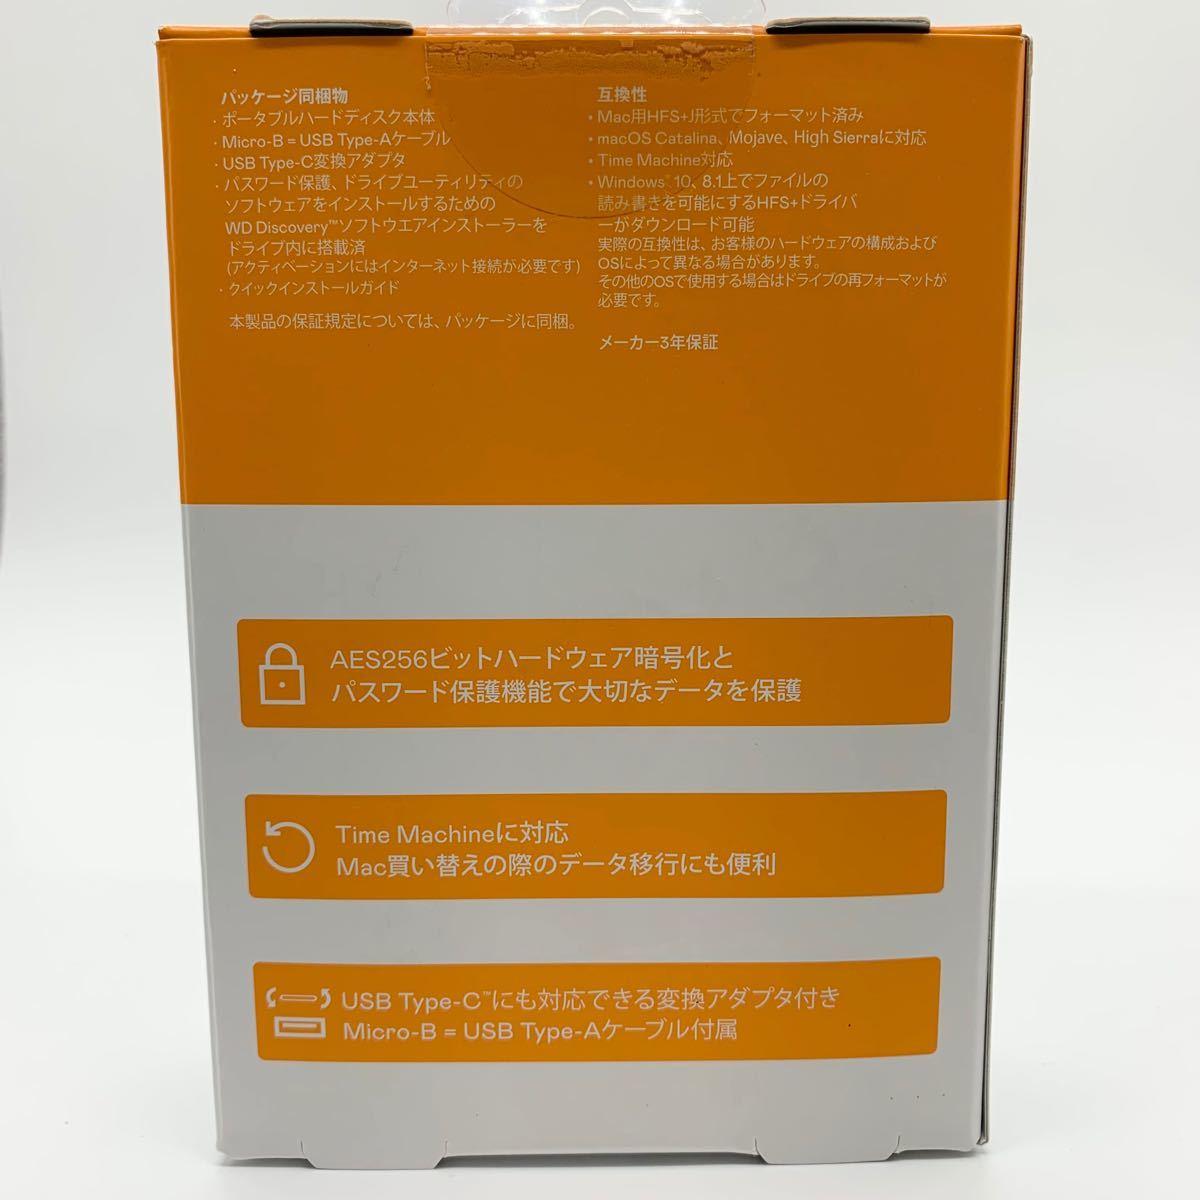 ポータブルHDD 4TB USB3.0対応 for Mac ウエスタンデジタル